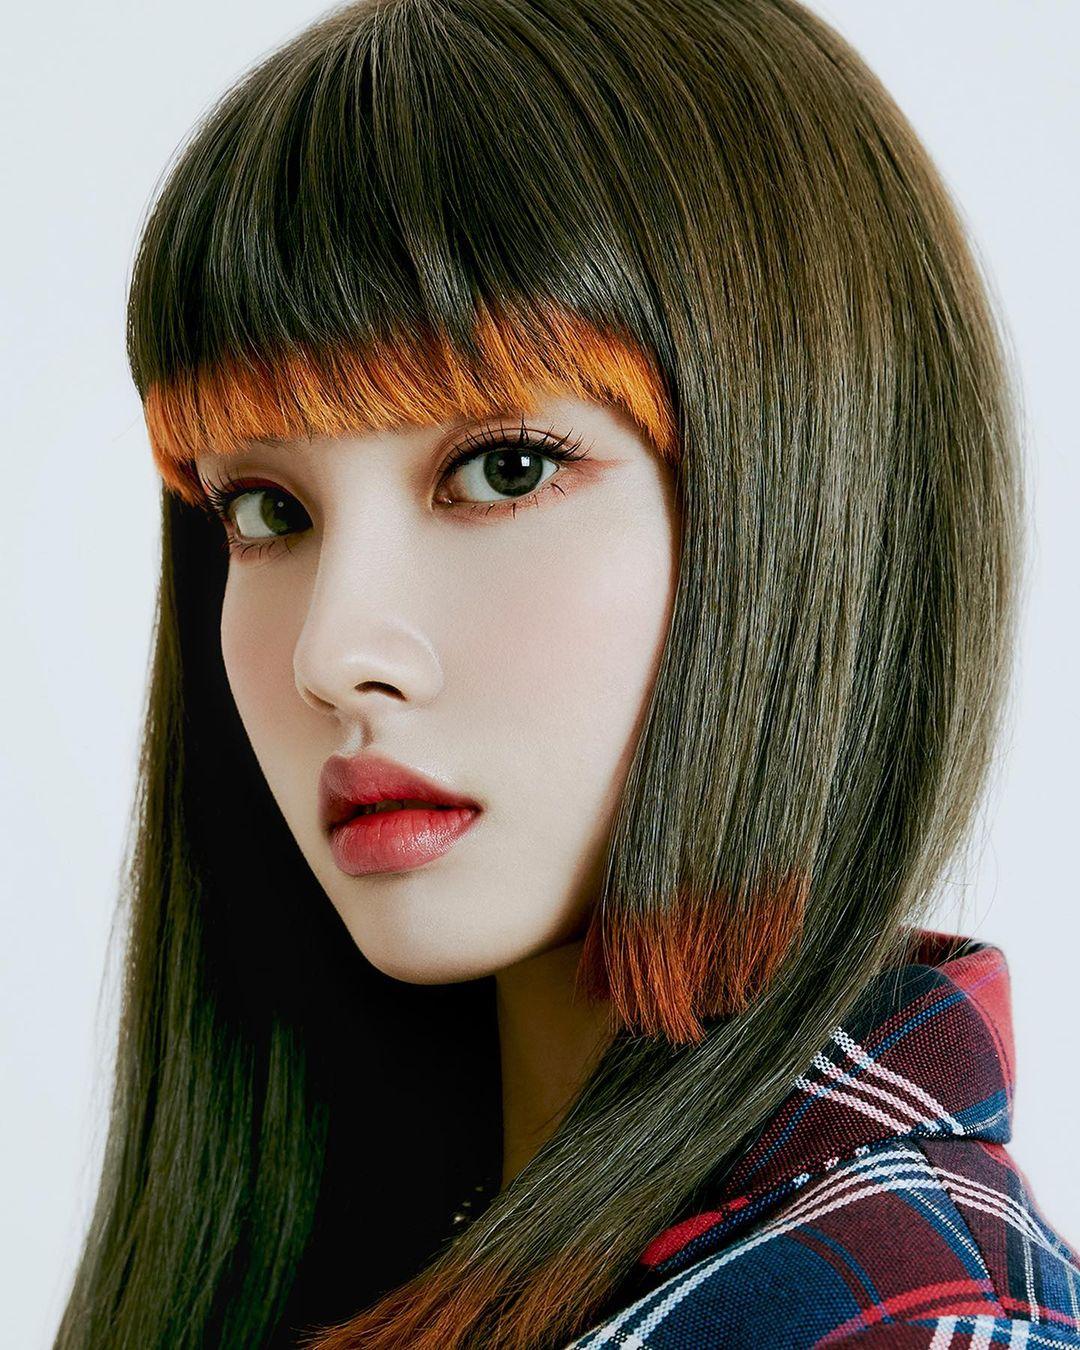 Chung số phận với ITZY, StayC cũng gây tranh cãi khi theo mốt tóc màu nổi hot trend. Thành viên Yoon trong đợt comeback mới đây được tạo kiểu tóc cắt layer như bậc thang, phần đuôi tóc nhuộm màu neon sặc sỡ.